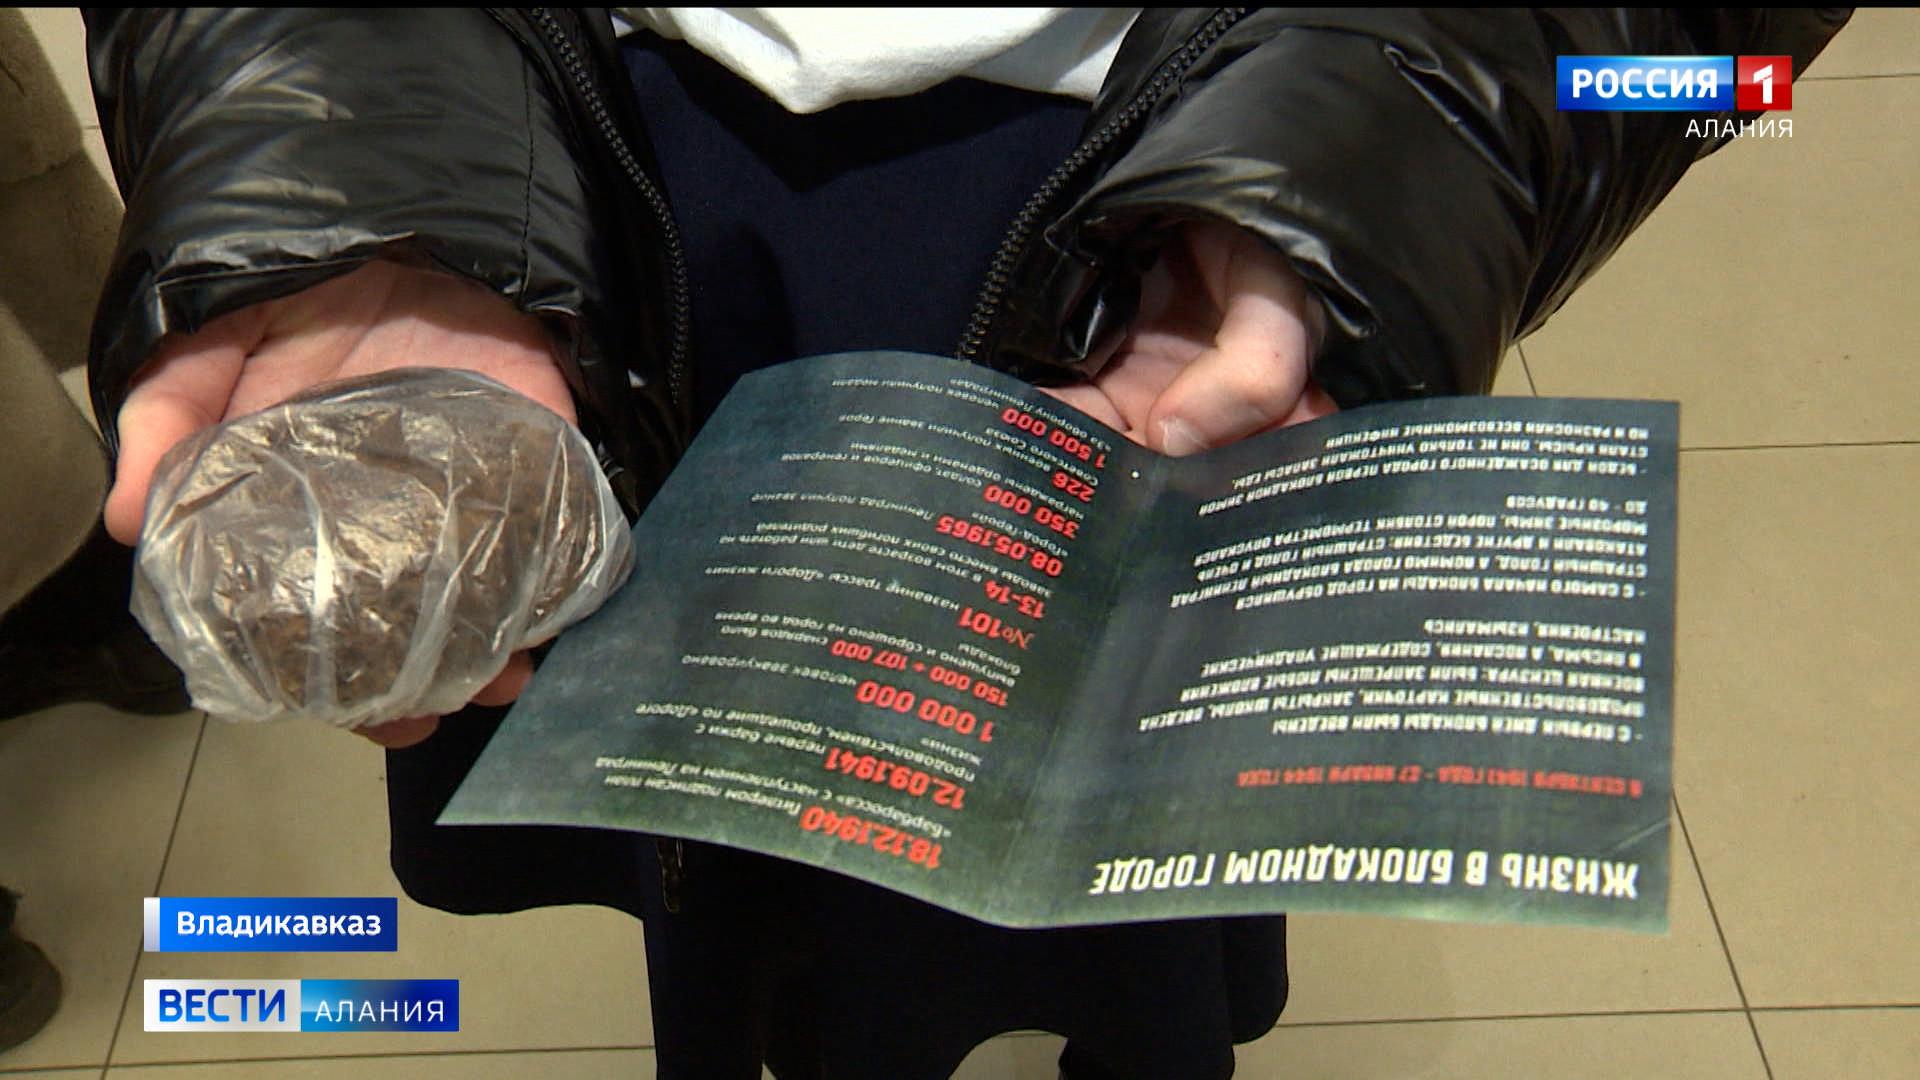 Во Владикавказе проходит акция, приуроченная к 77-летию снятия блокады Ленинграда